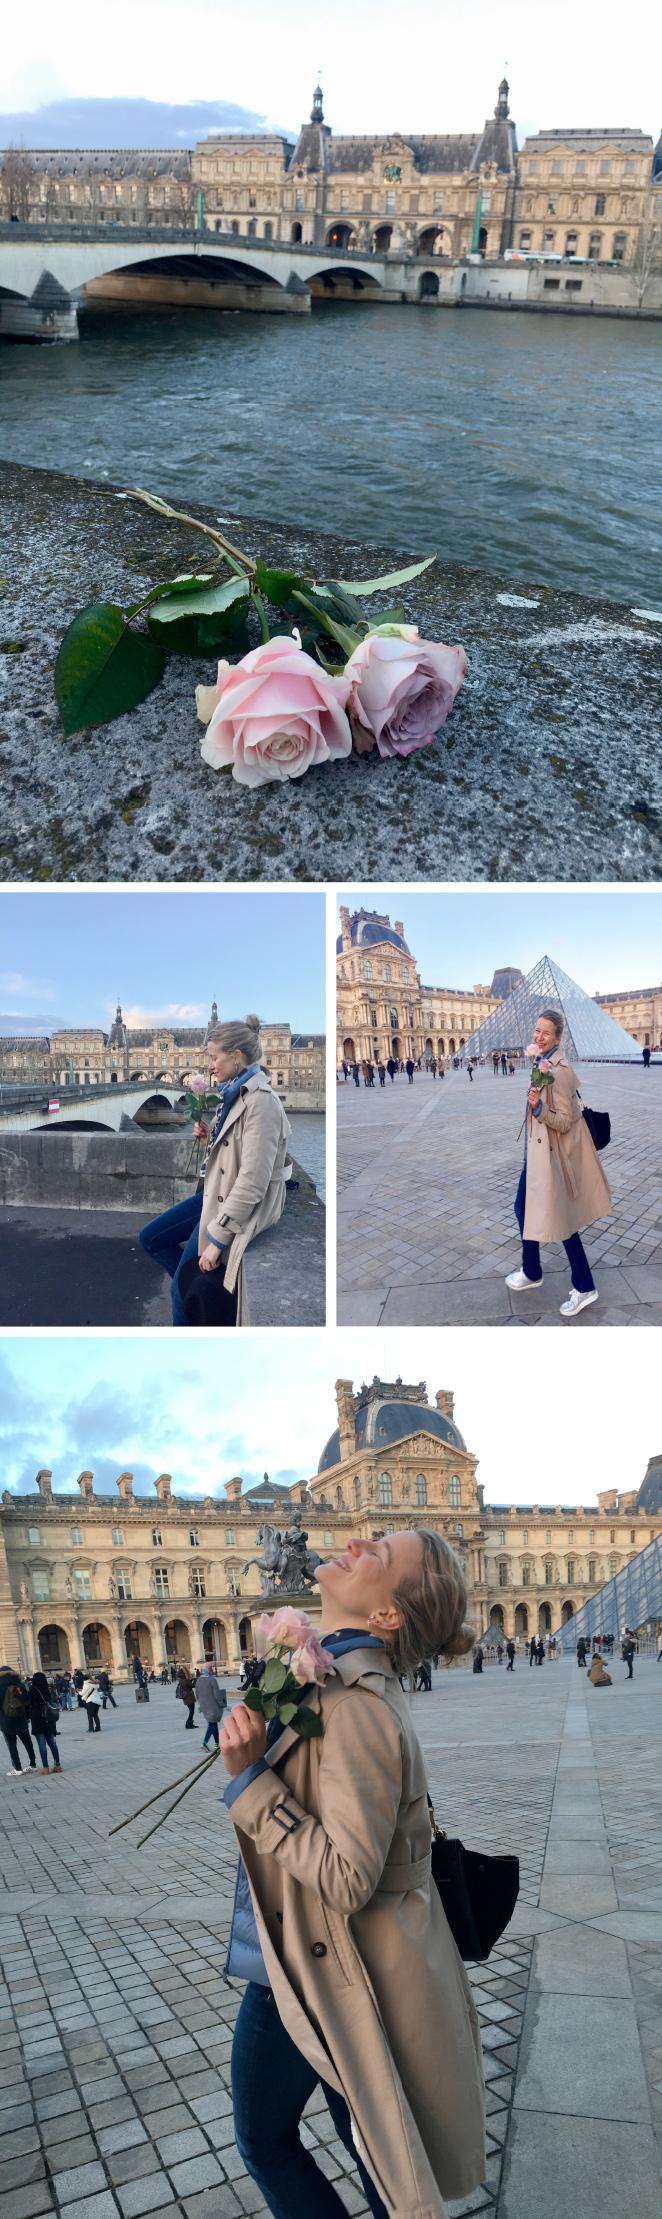 """Siempre es una delicia volver a París para, entre otras cosas, poder pasear por sus calles y contemplar la belleza arquitectónica de sus edificios que esconden capítulos importantes de la historia; visitar sus magníficos museos que siempre suelen albergar interesantes exposiciones de las que se aprende muchísimo; disfrutar de su apetecible gastronomía y de su gente, que irradia ese inimitable halo """"chic"""" tan parisino…"""